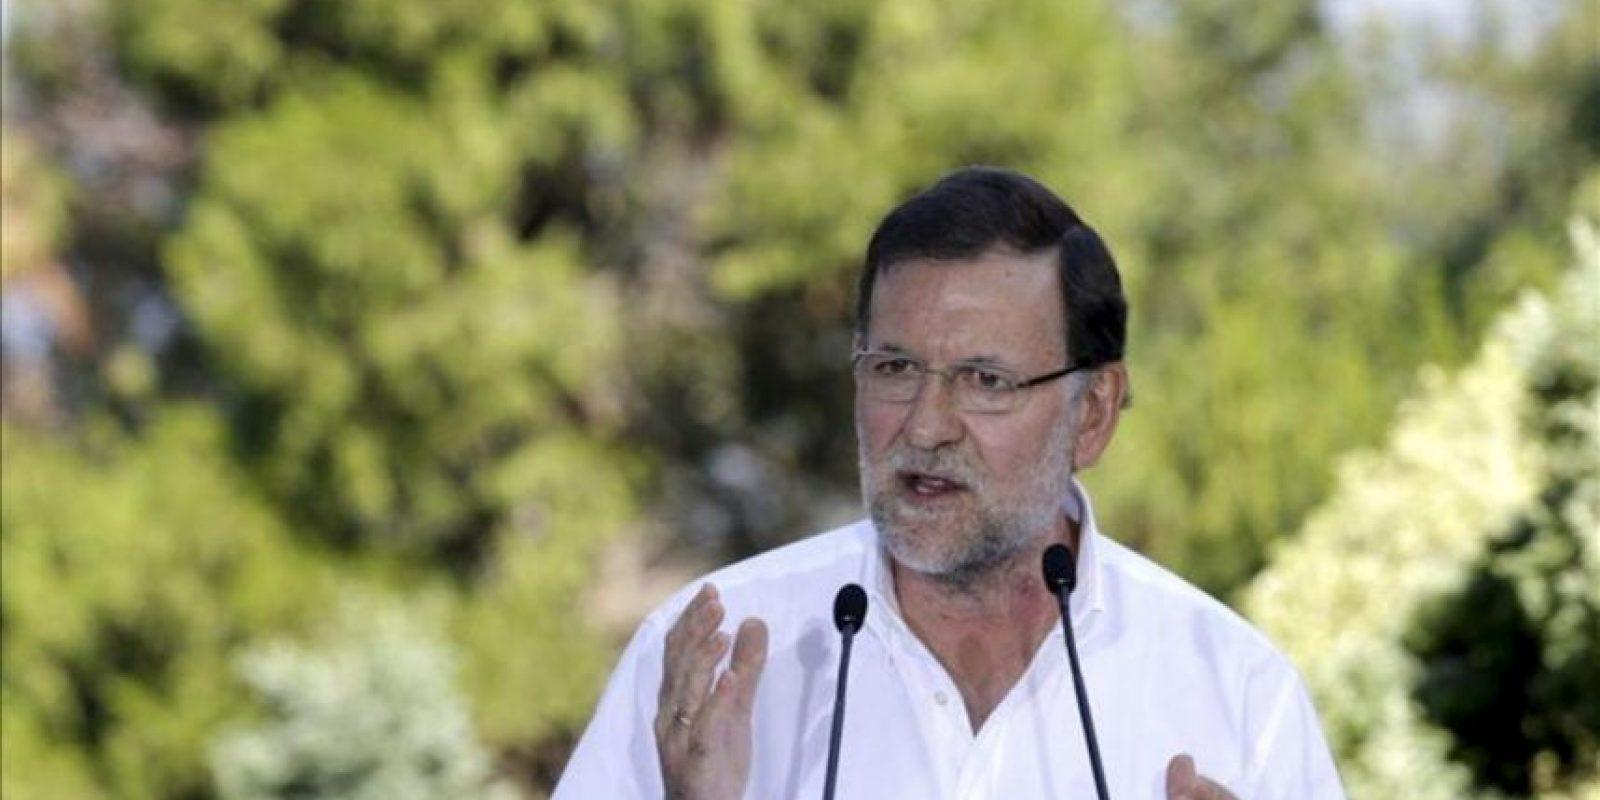 """El presidente del Gobierno, Mariano Rajoy, durante su intervención en el acto político que ha celebrado hoy el PP en el castillo de Soutomaior, en la que ha asegurado que el año que viene anunciará una bajada de impuestos y ha augurado una salida de la recesión en los próximos meses toda vez que la economía española está """"a las puertas"""" de crecer. EFE"""